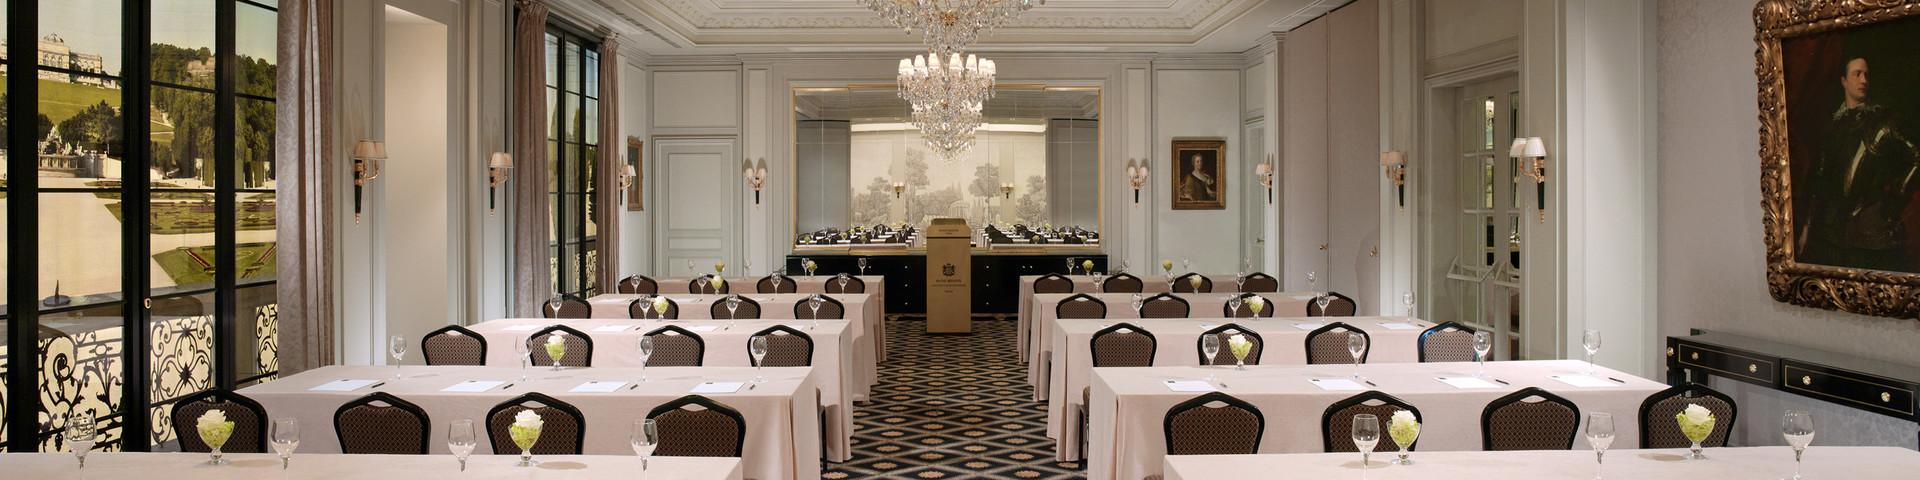 Hotel Bristol Wien - Salon Schönbrunn © Hotel Bristol, a Luxury Collection Hotel, Vienna